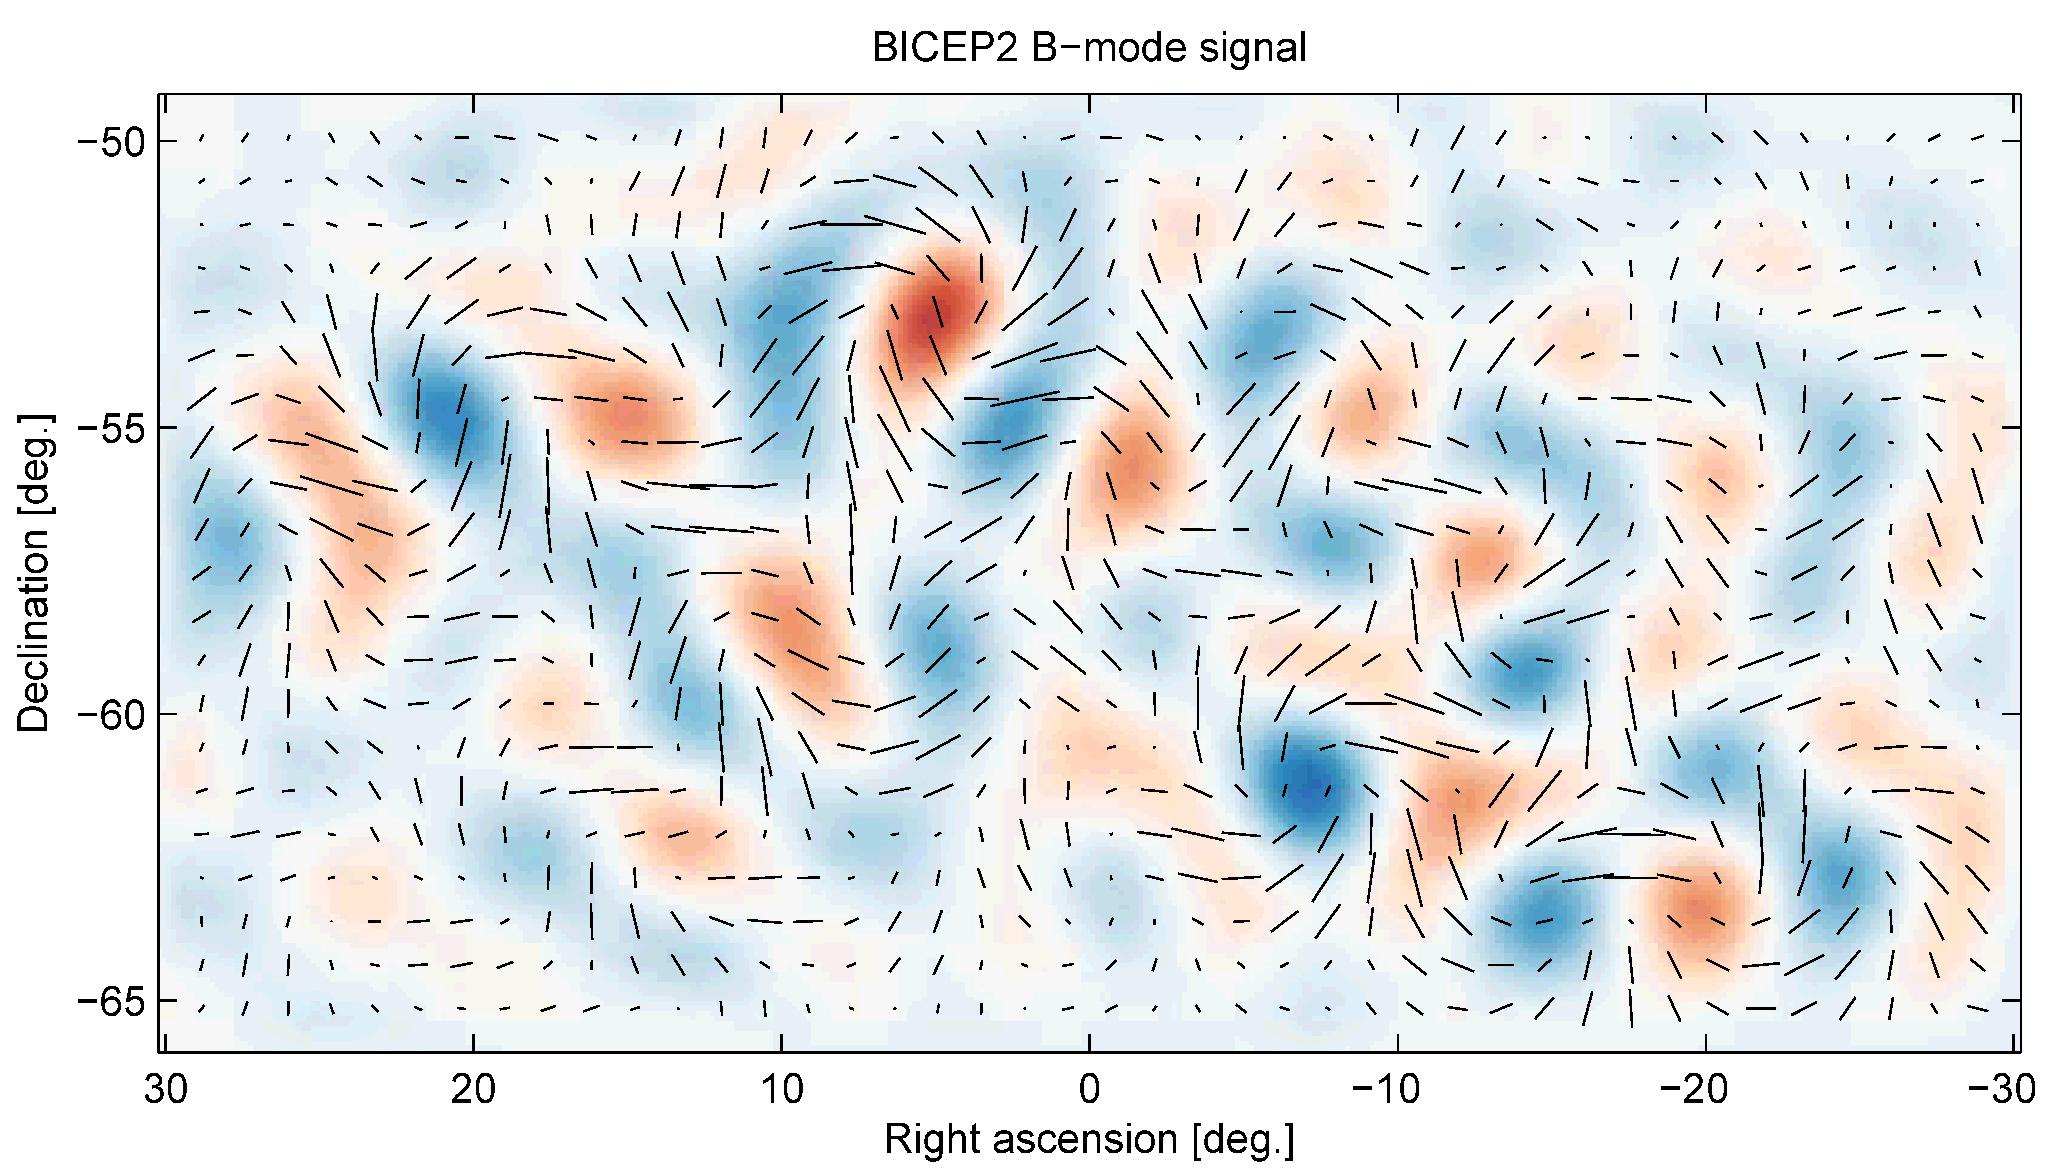 Gli effetti delle onde gravitazionali rilevati da BICEP2 - Credits: BICEP2